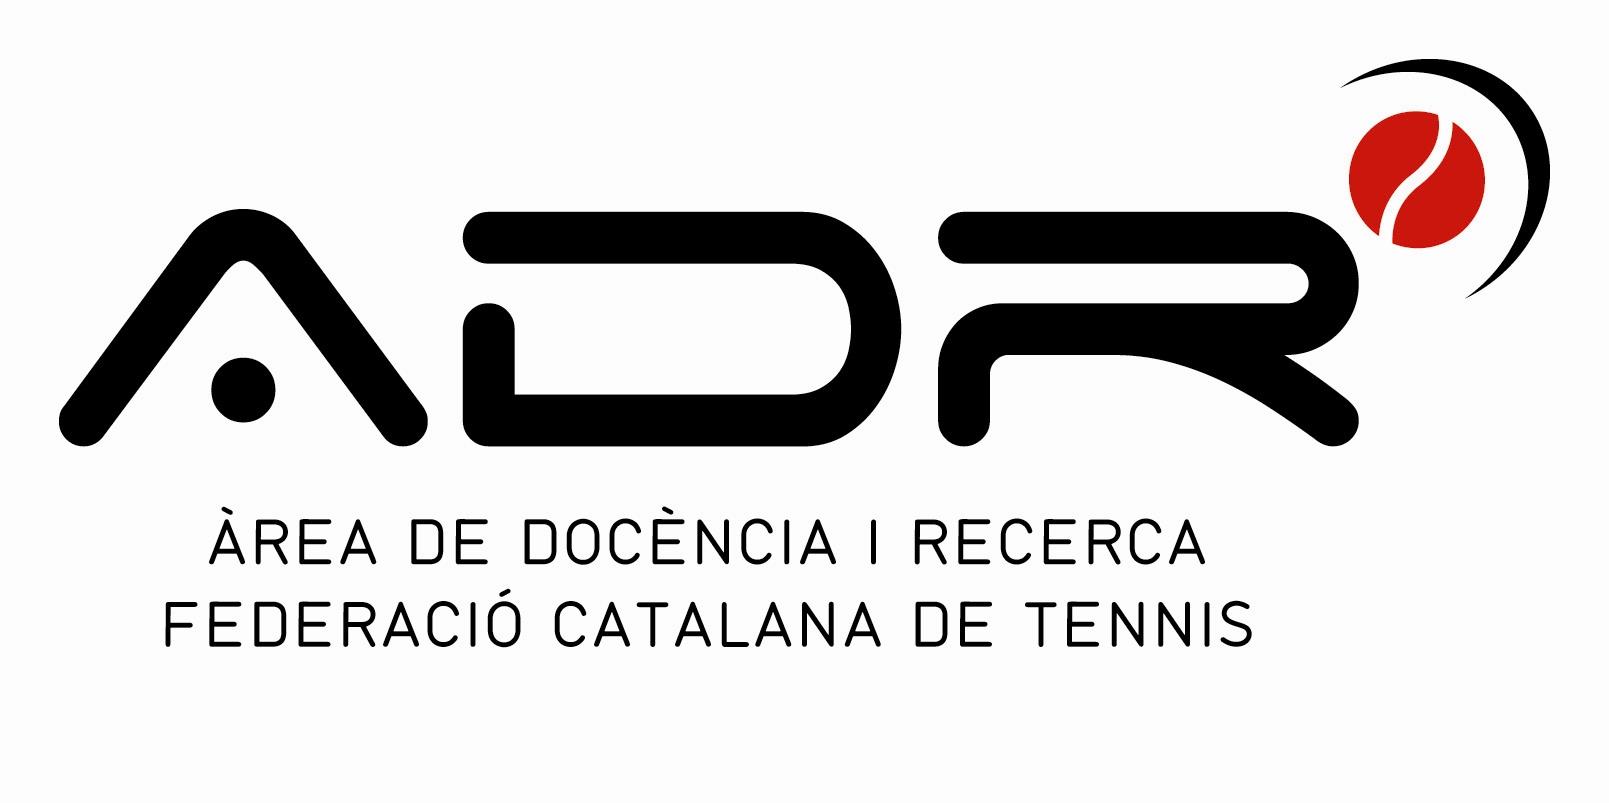 Notes 1ª convocatòria del Curs Tècnic d'Esports Nivell 1 en tennis al Prat